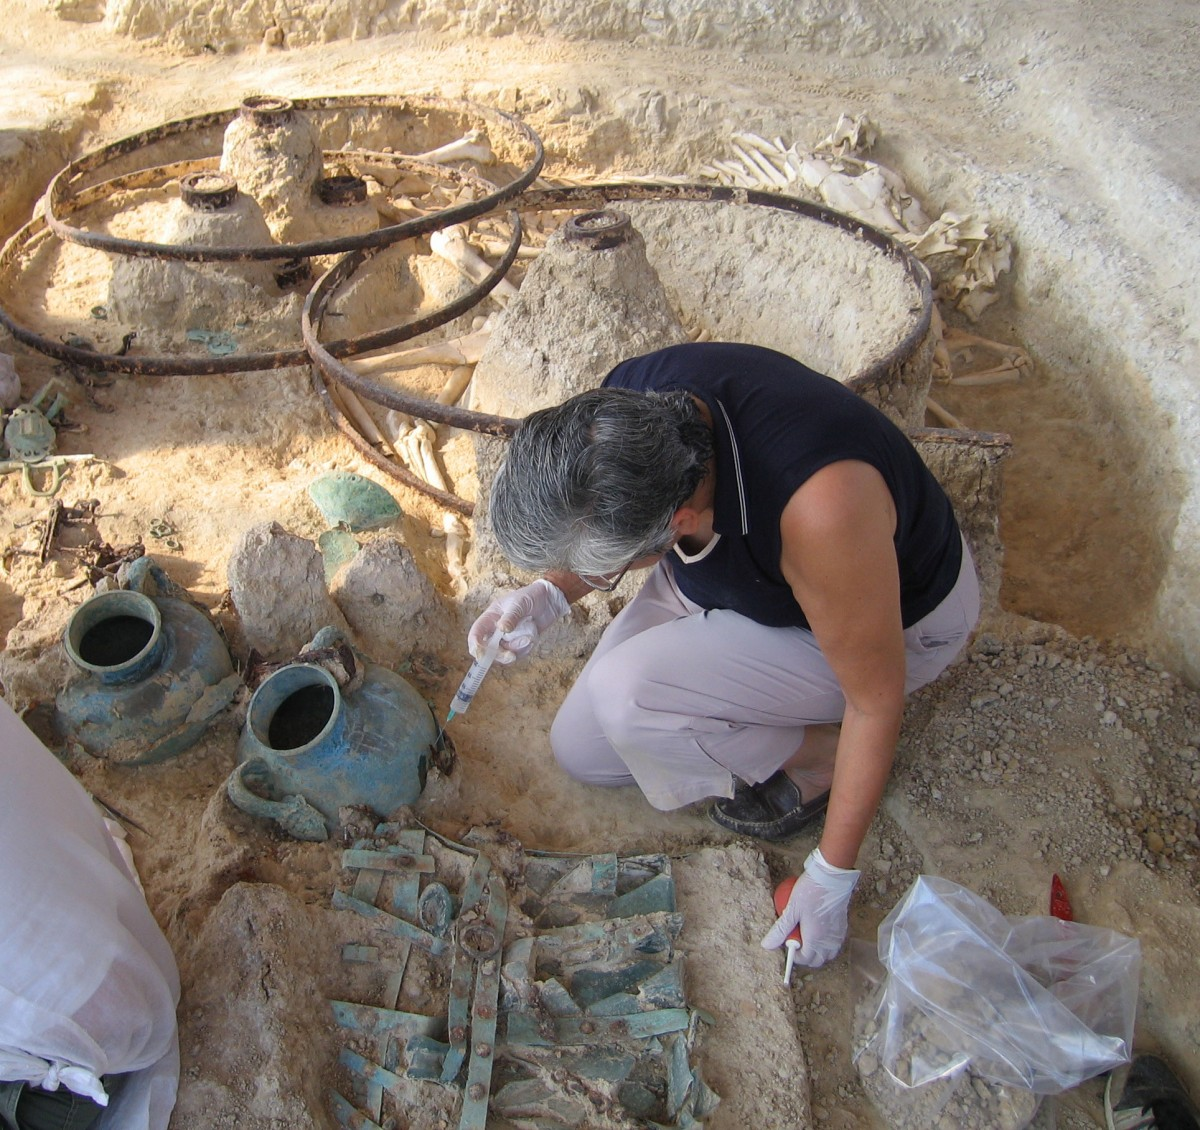 Εικ. 17. Ανασκαφή Μικρής Δοξιπάρας-Ζώνης. Στερέωση ευρήματος με εμποτισμό (2007).